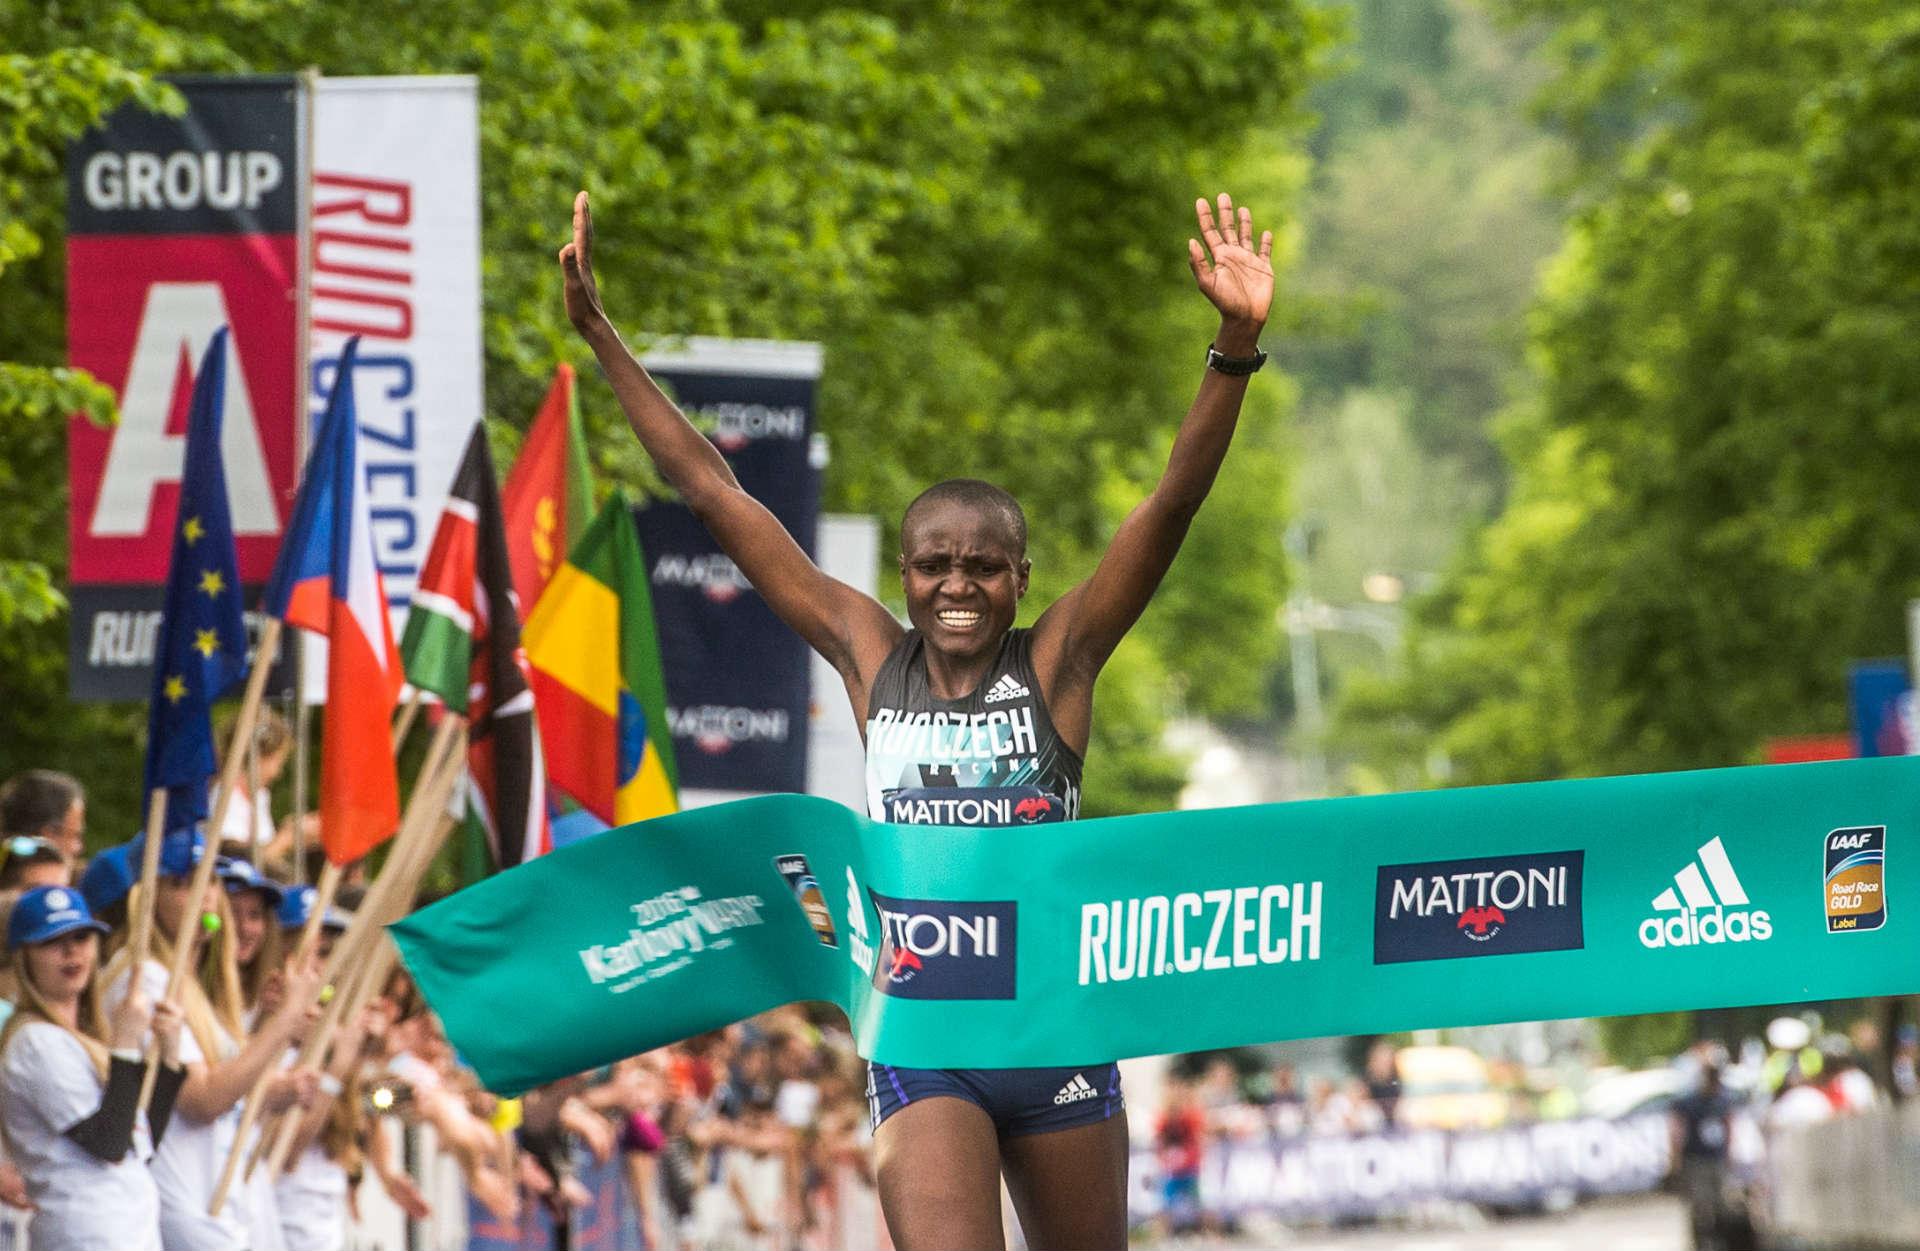 Mattoni 1/2Maraton Karlovy Vary vyhlíží rekord závodu